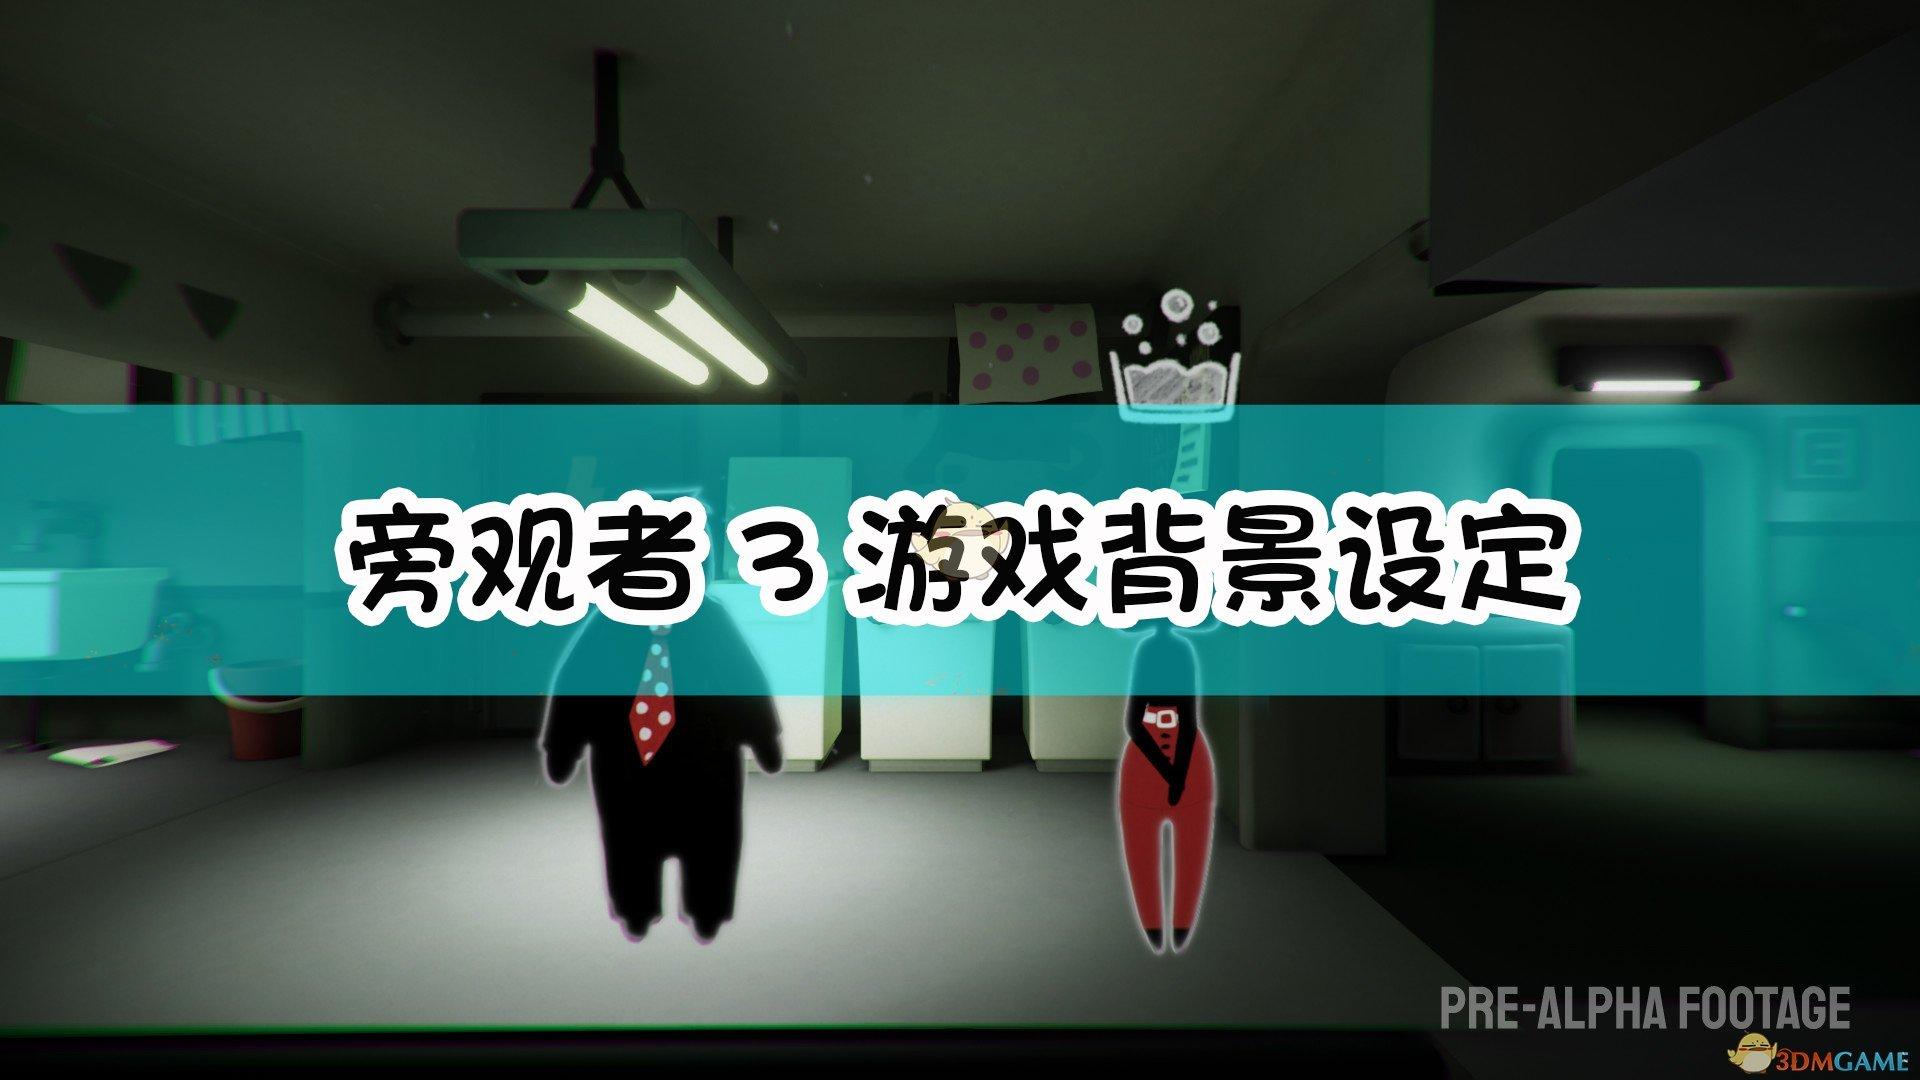 《旁觀者3》遊戲背景設定